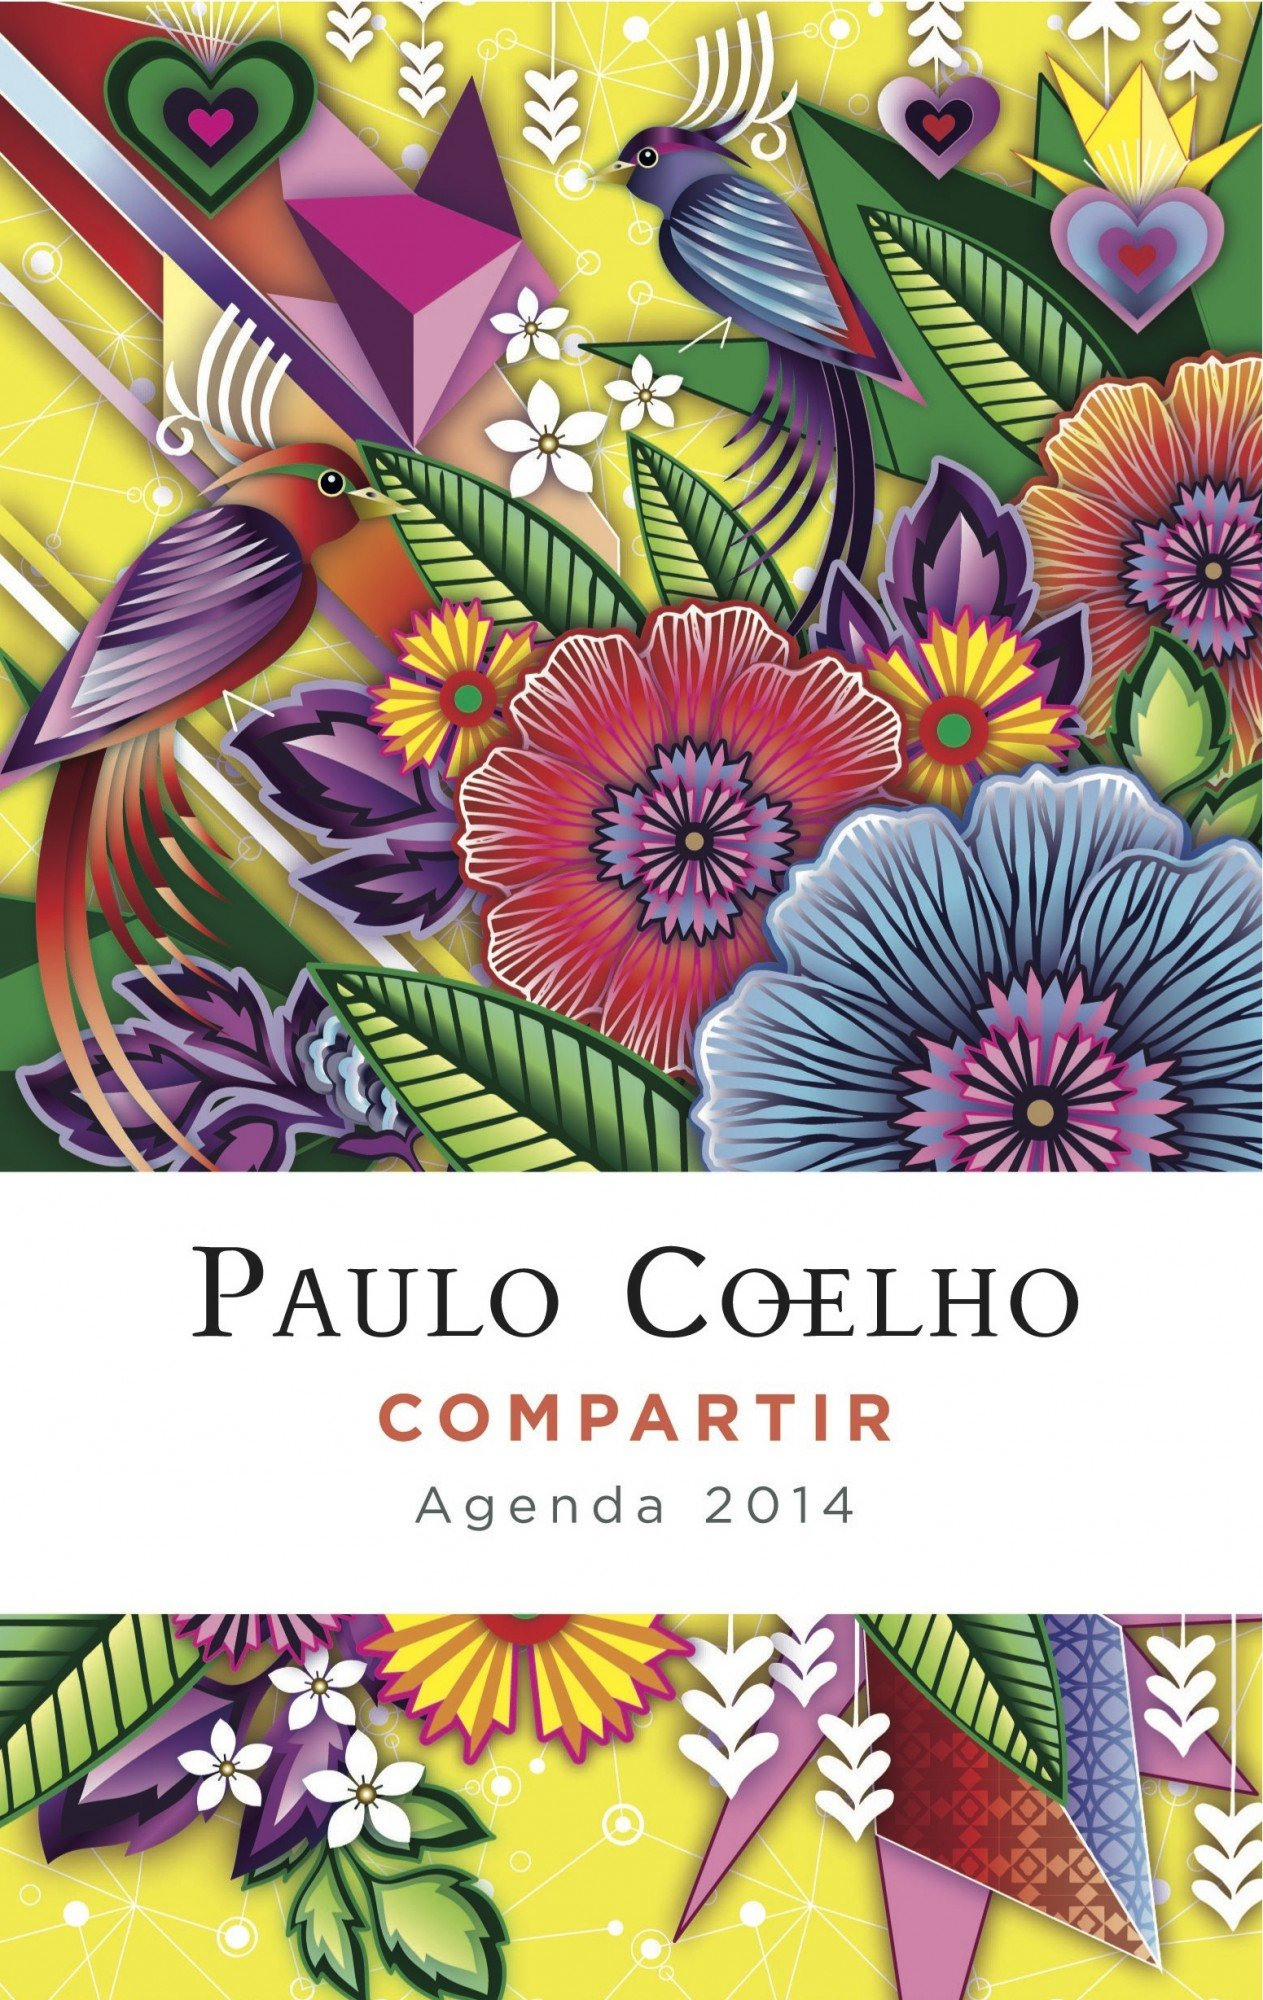 Compartir (Agenda Coelho 2014): Paulo Coelho: 9788408115465 ...